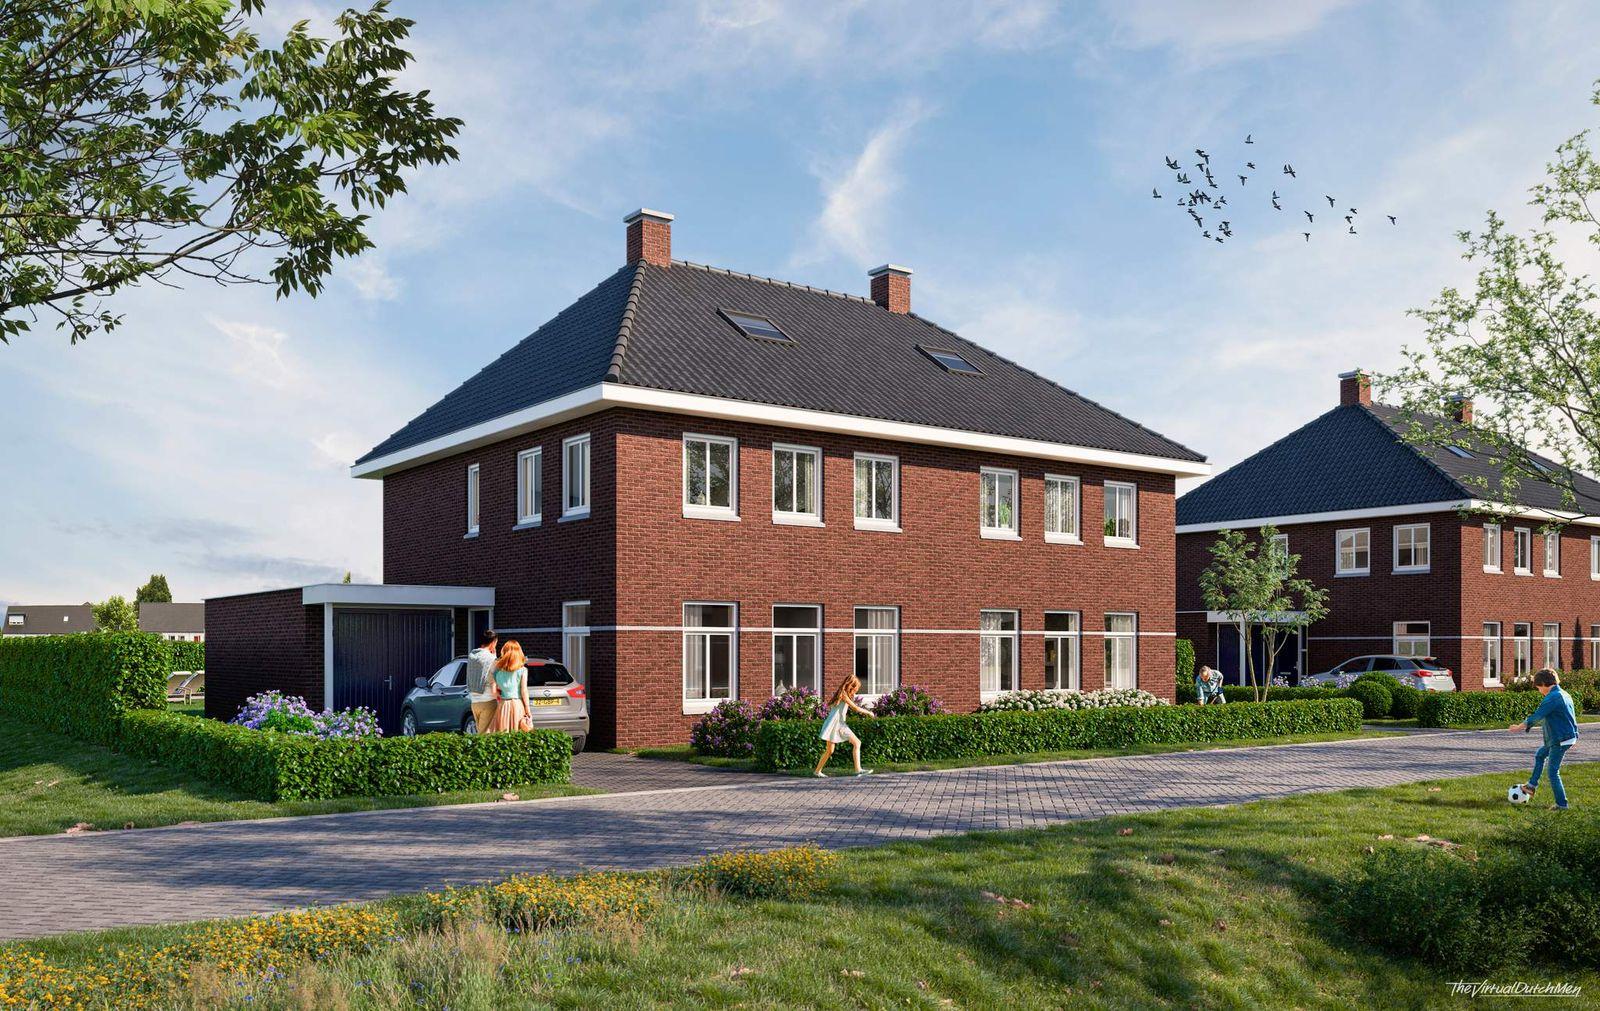 Snikke bouwnummer 5 0-ong, Nieuw-amsterdam